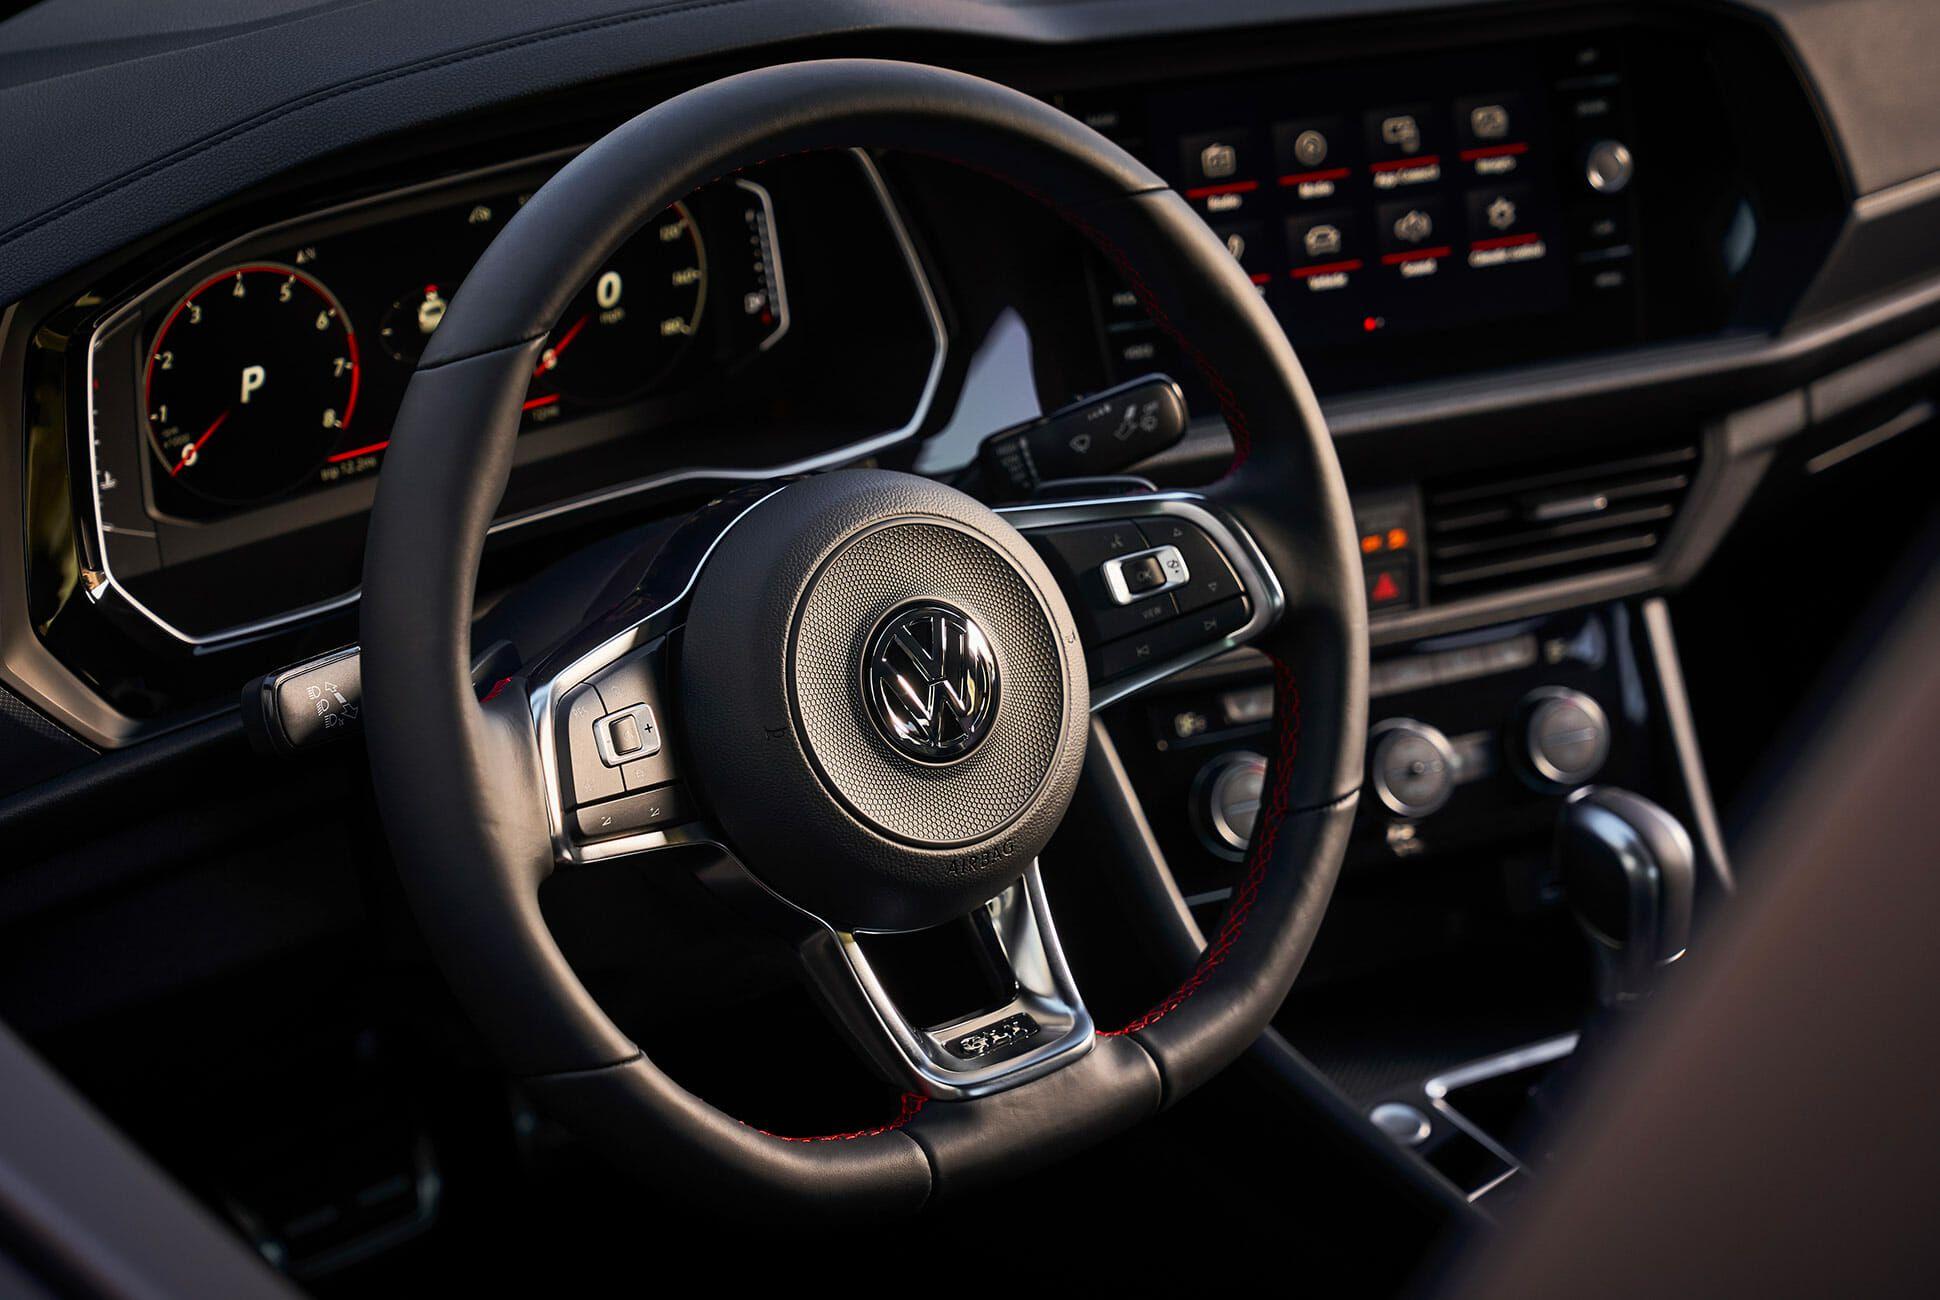 VW-Jetta-GLI-Review-gear-patrol-slide-4